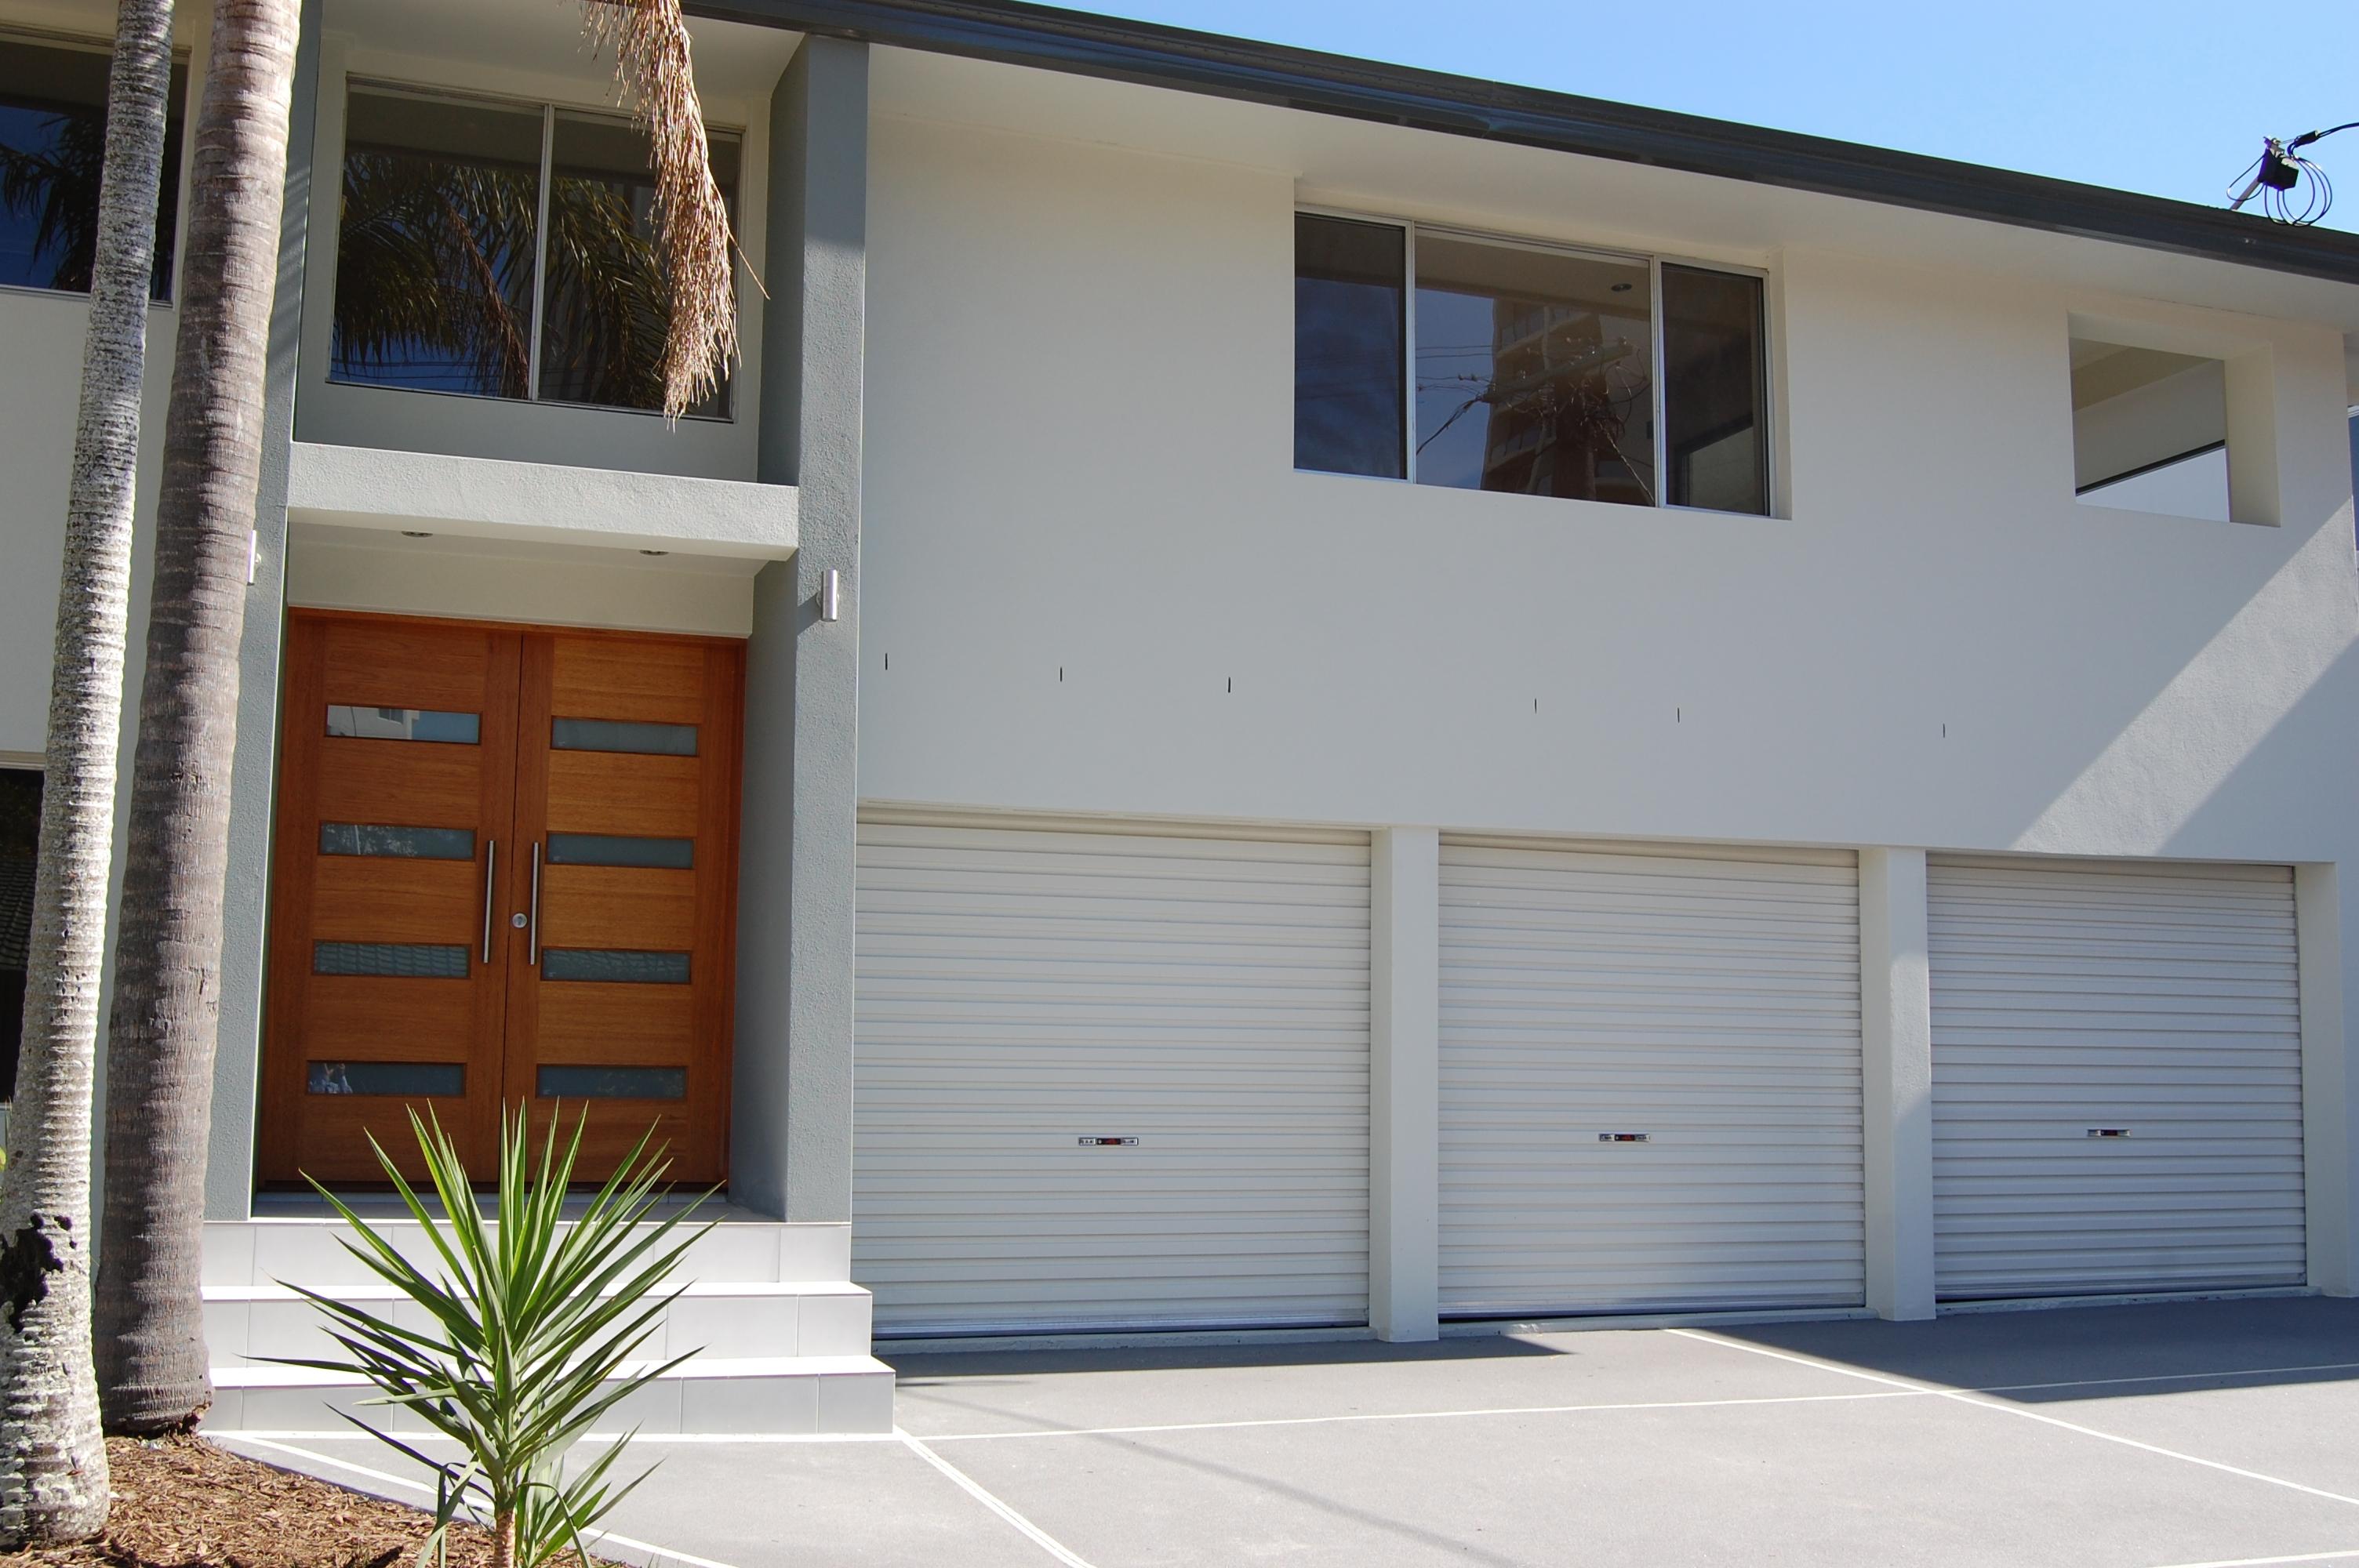 2000 #1A66B1 Rolling Type Garage Doors Or Roll Doors Pirie Enterprises Gold Coast picture/photo Type Of Garage Doors 37993008